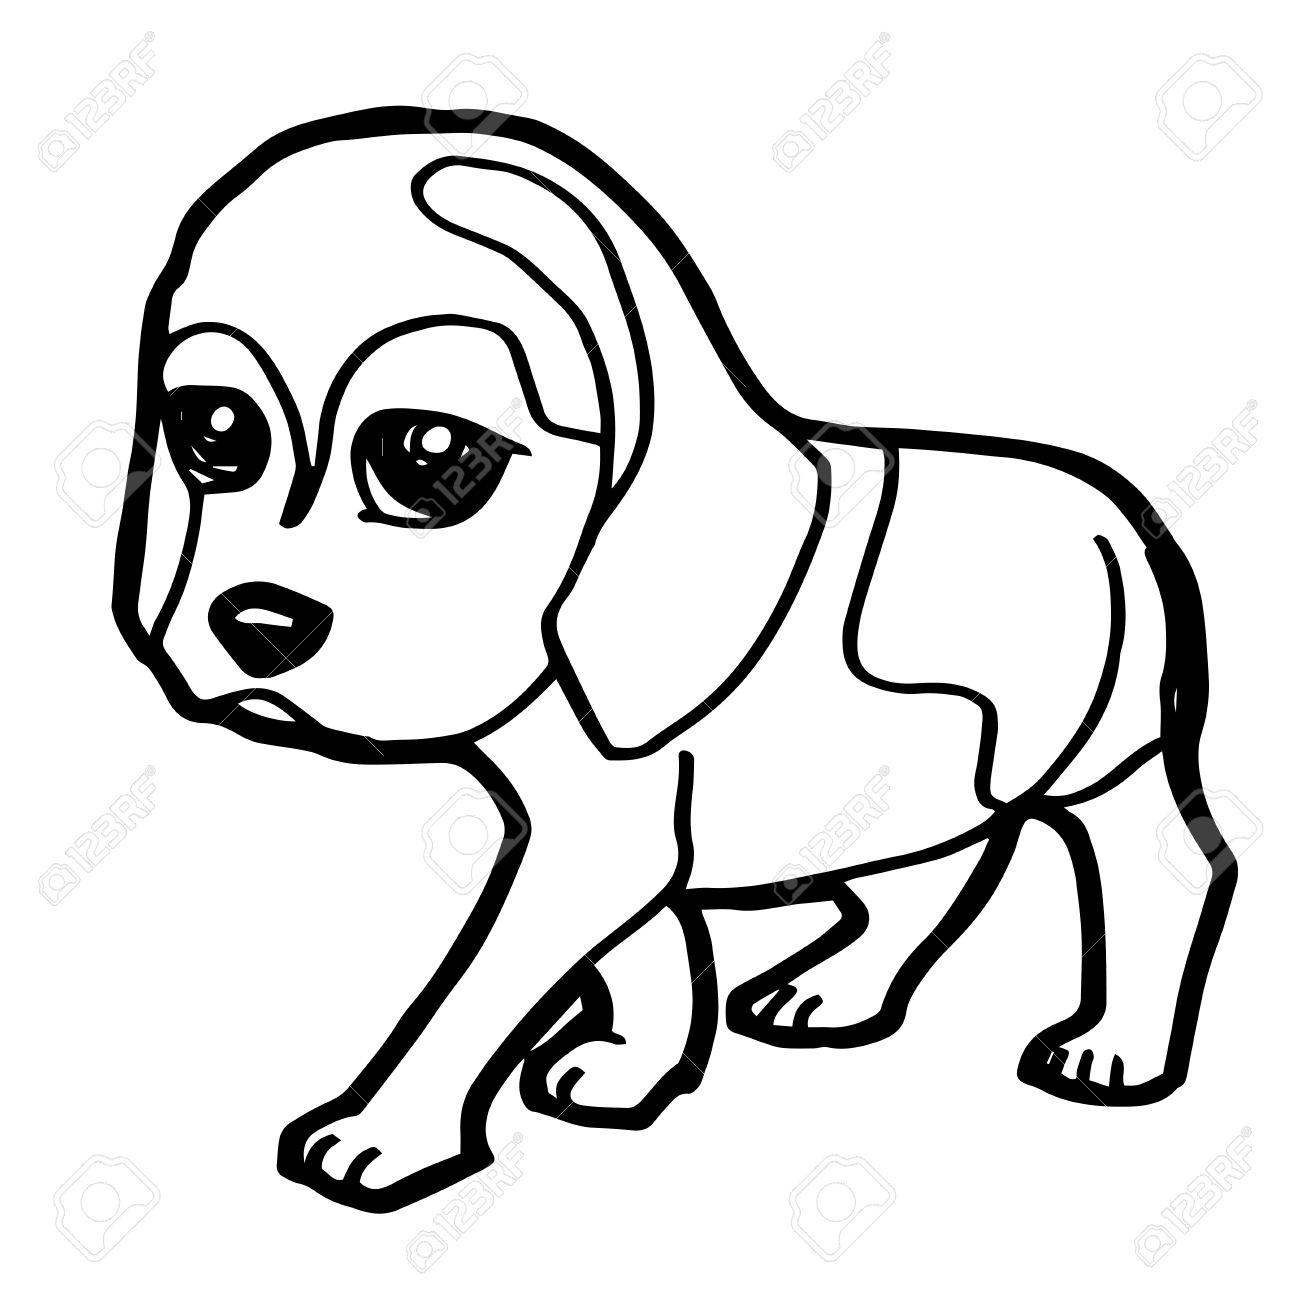 Ilustración De Dibujos Animados De Perro Divertido Para Colorear ...